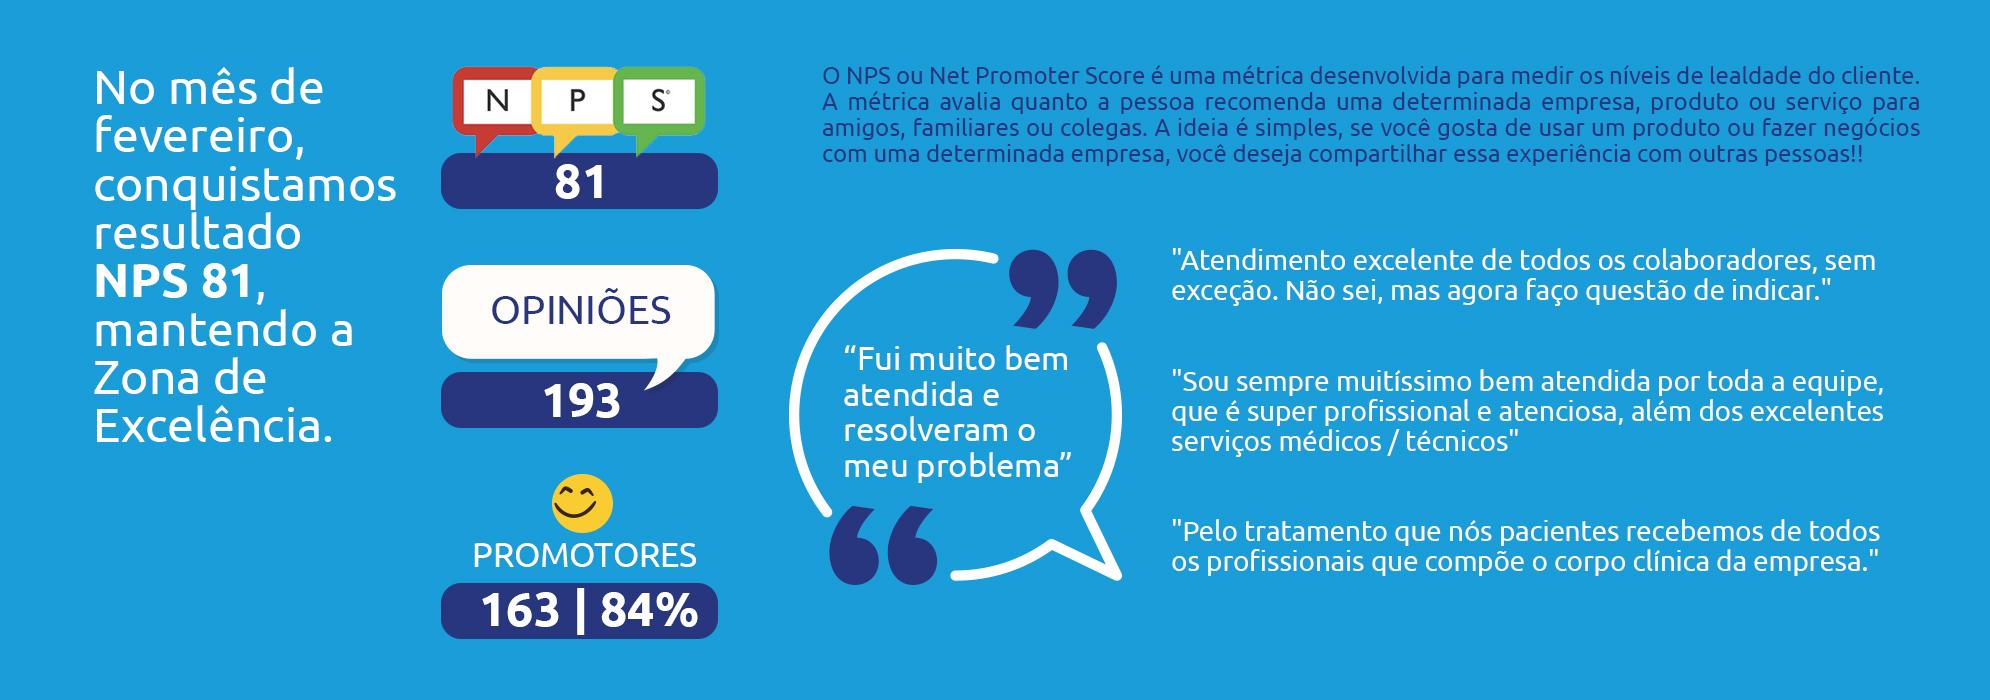 slide-nps-fevereiro-2020-clinica-ceu